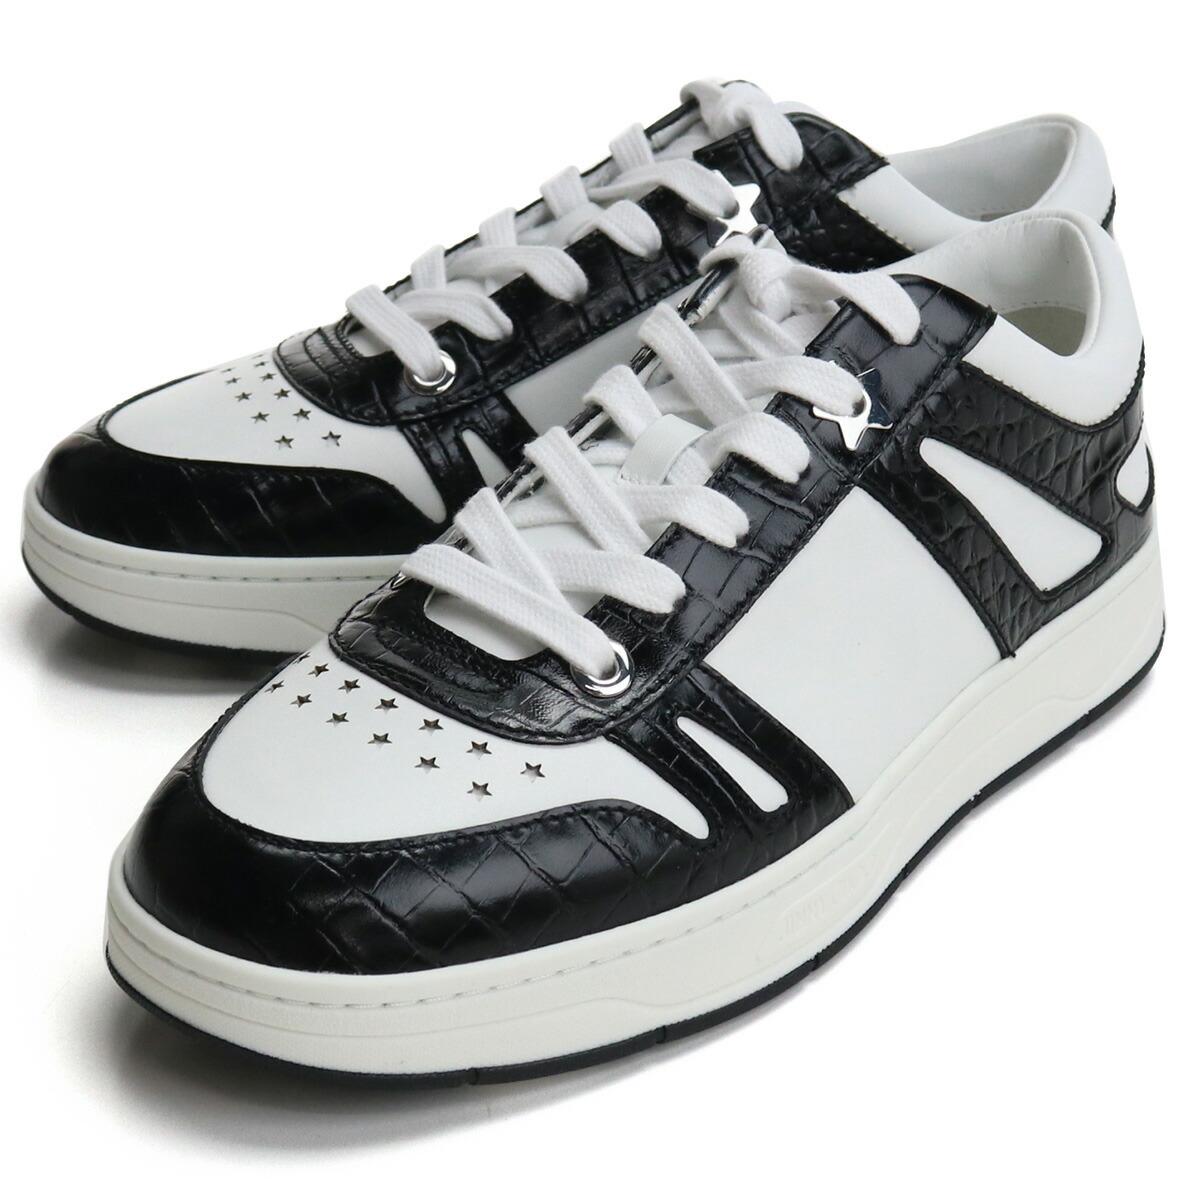 ジミーチュウ JIMMY CHOO  メンズスニーカー ブランドスニーカーHAWAII/M OXA 214 V BLACK/WHITE ホワイト系 ブラック bos-06 shoes-01